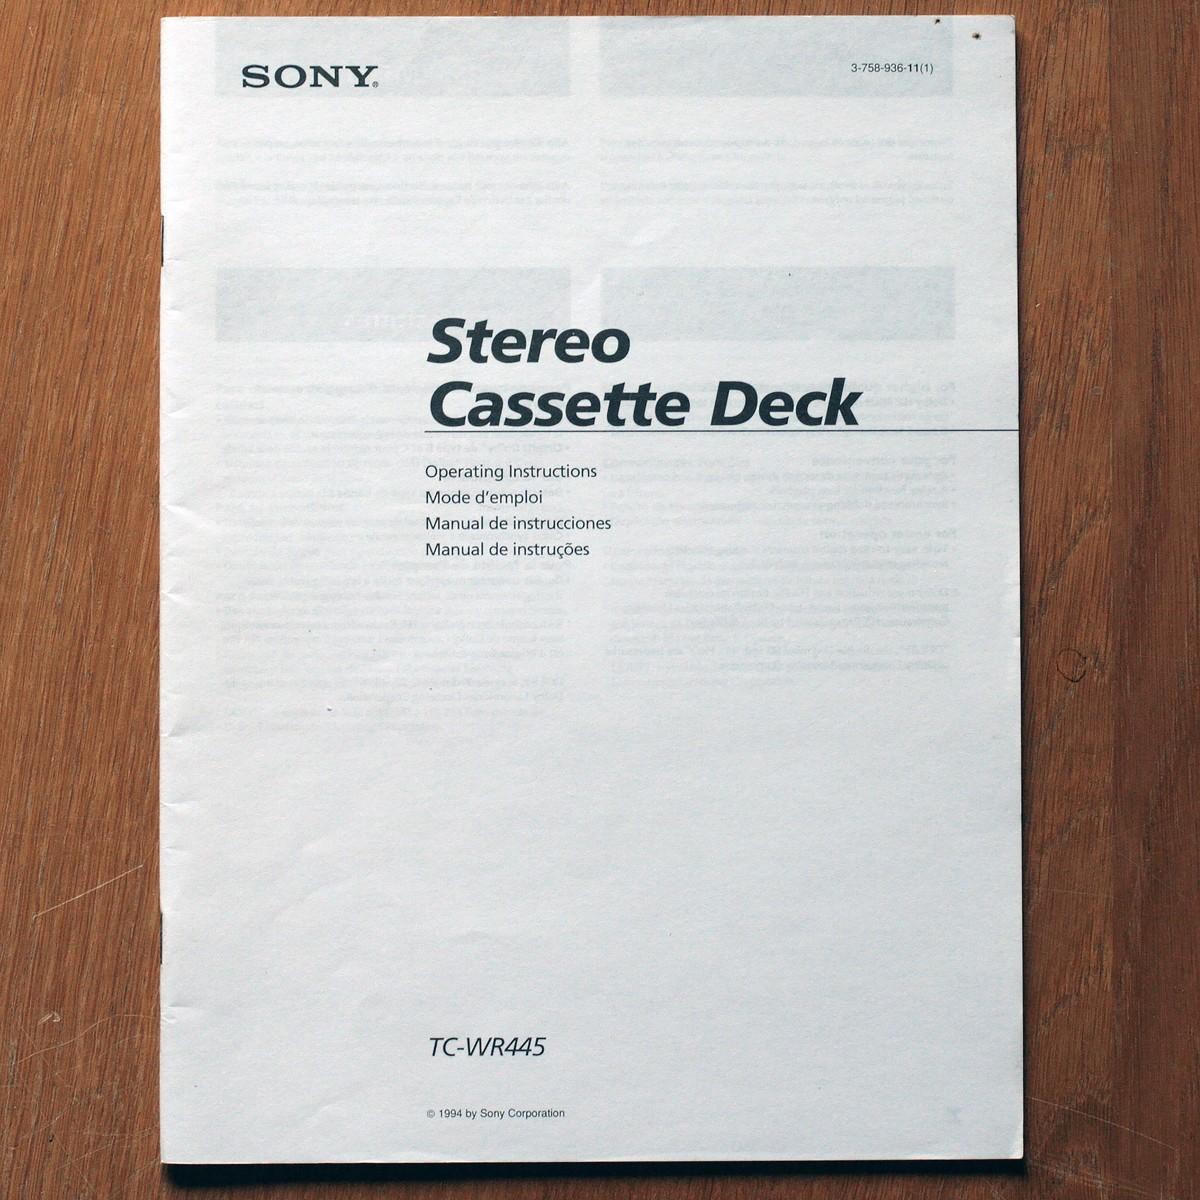 Sony • Magnétophone à cassettes • TC-WR445 • Manuel utilisateur • Operating instructions • Manual de instrucciones • Manual de instrucões